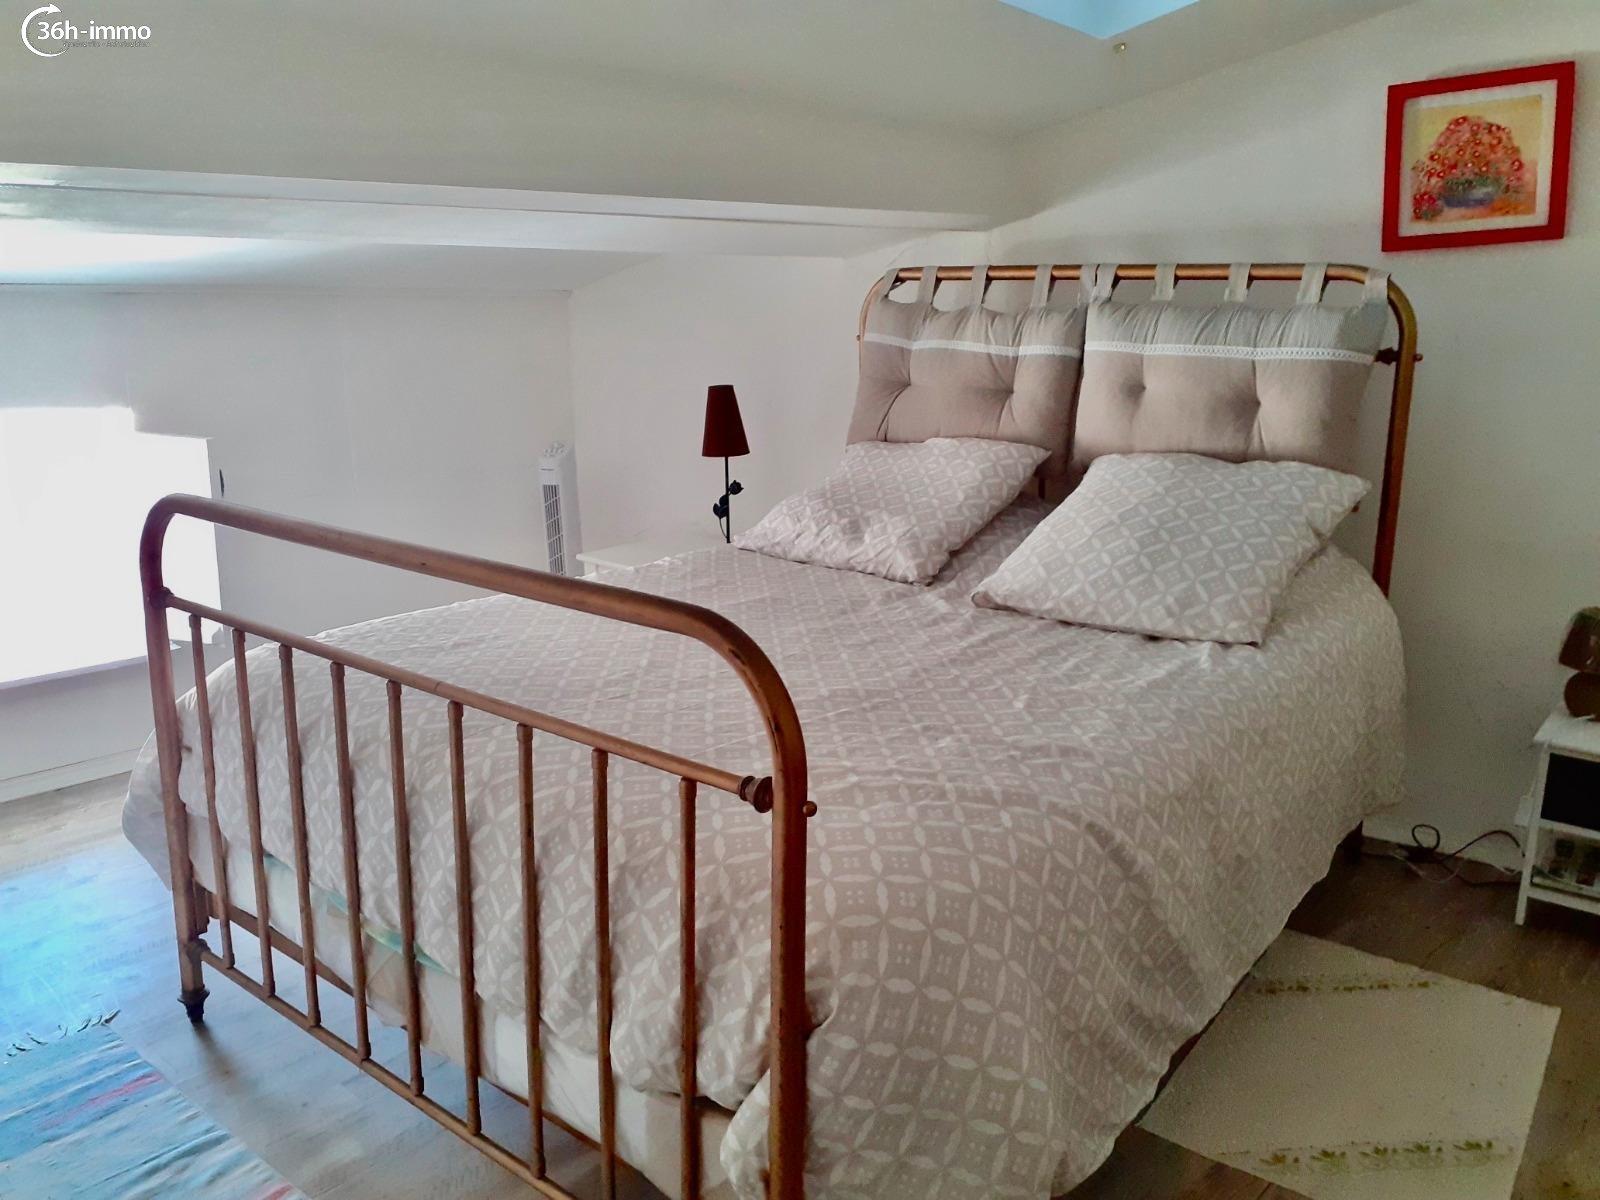 Maison Castelnau-d'Aude 11700 Aude 65 m<sup>2</sup> 3 pi&eagrave;ces 53000 euros